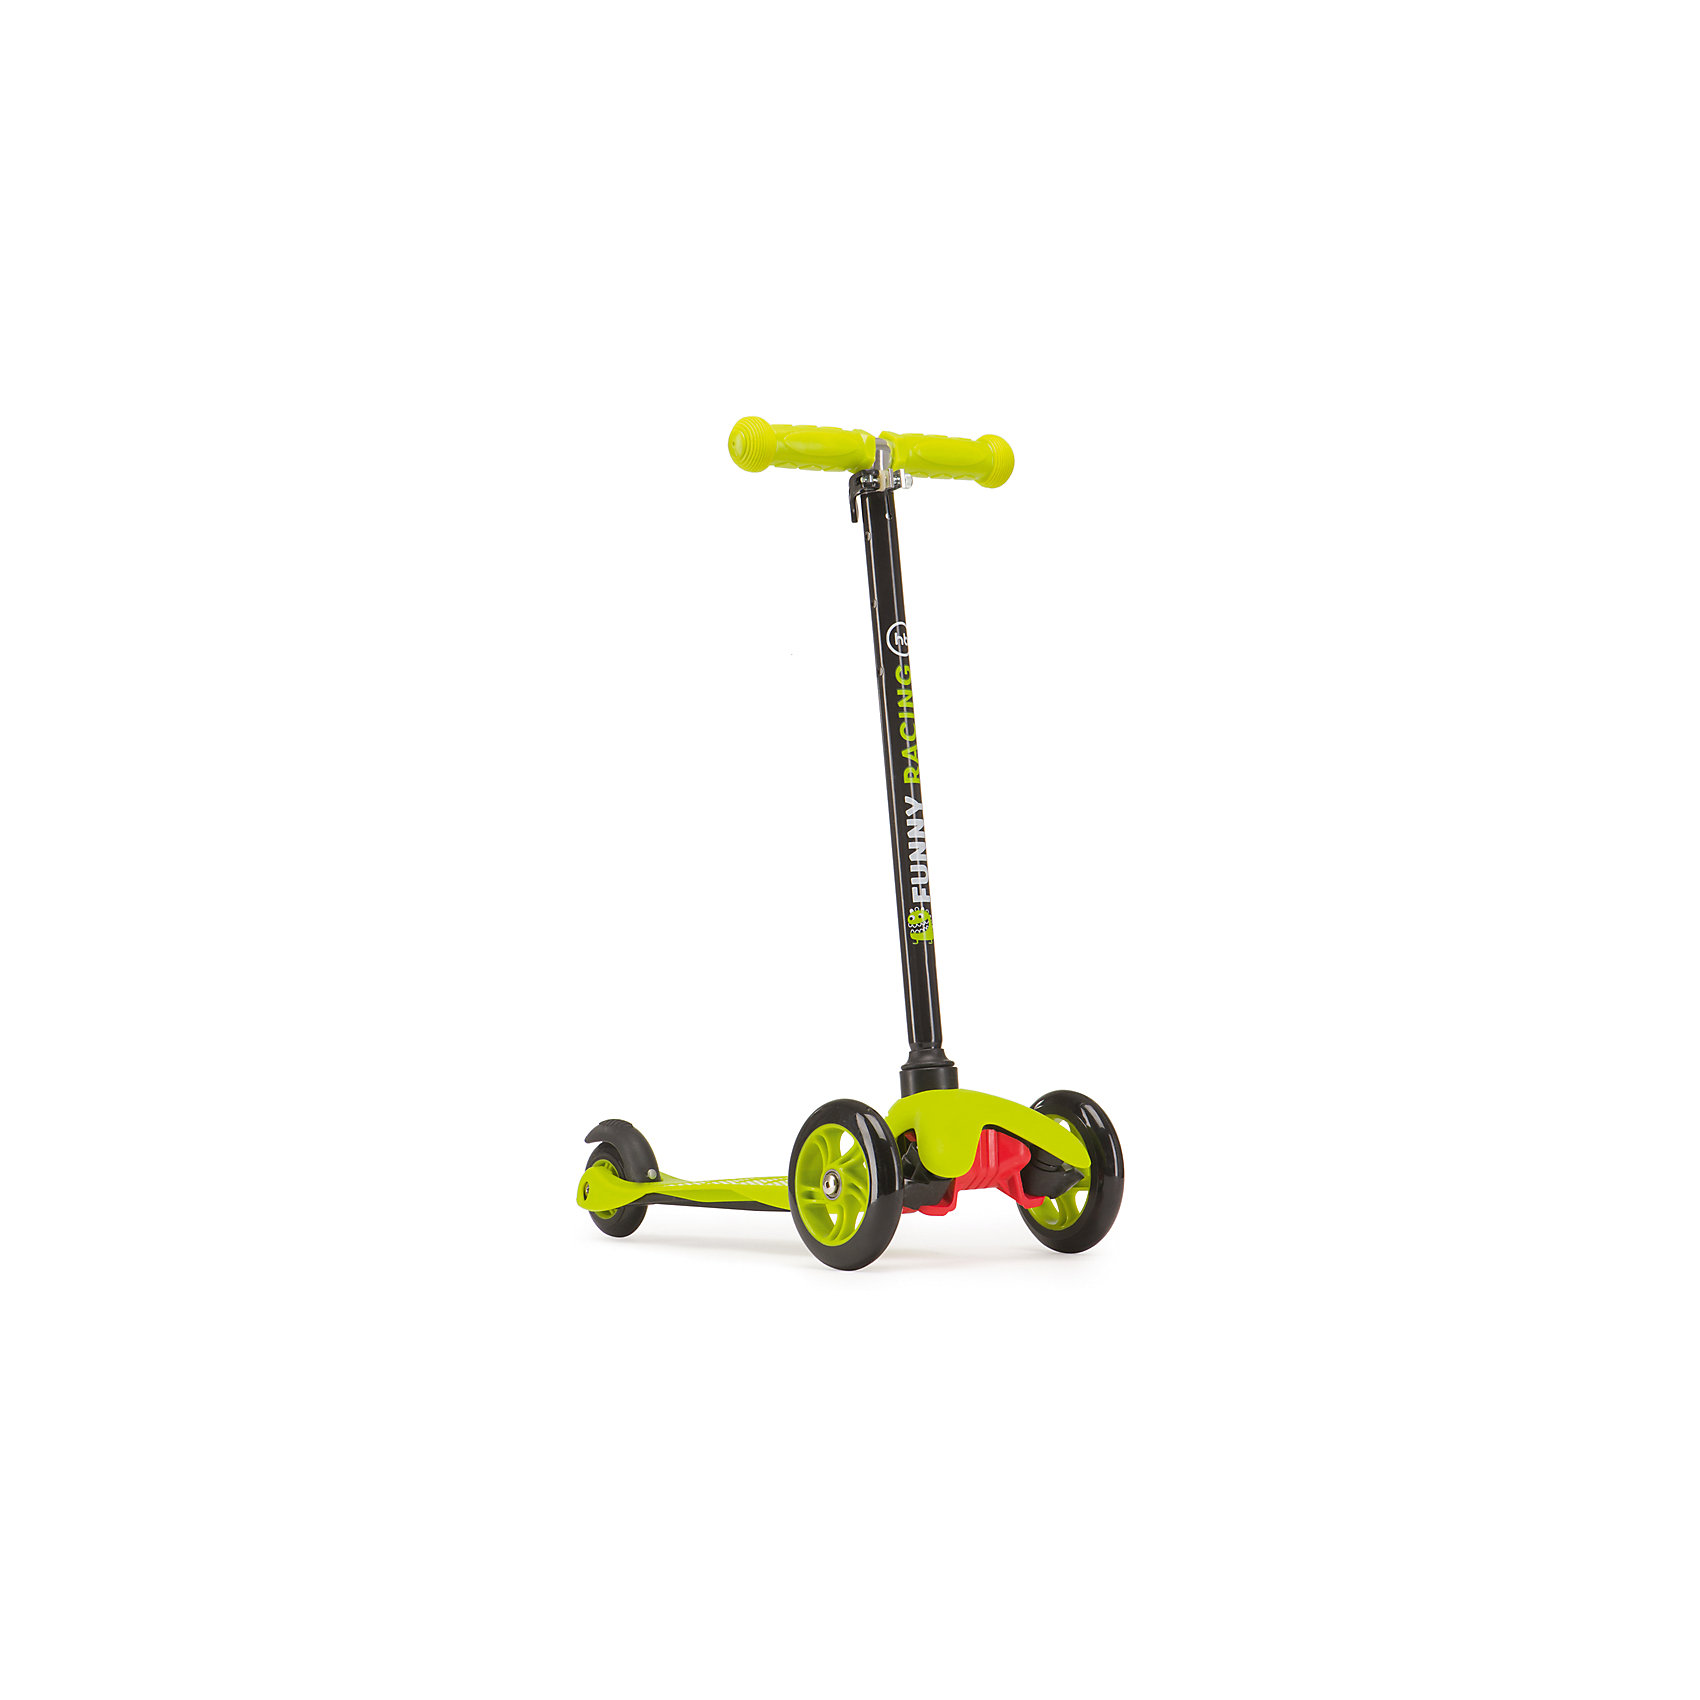 Самокат TORNADO, зеленый, Happy BabyСамокаты<br>Характеристики товара:<br><br>• возраст от 3 лет<br>• максимальная нагрузка до 40 кг<br>• материал: пластик, алюминий<br>• материал колес ПВХ<br>• цвет: зеленый<br>• диаметр передних колес 120 мм, заднего колеса 80 мм<br>• высота руля 67-77 см<br>• ножной тормоз на заднем колесе<br>• вес самоката 1,9 кг<br>• размер упаковки 59х27х14,5 см<br>• вес упаковки 2,2 кг<br>• страна производитель: Китай<br><br>Самокат «TORNADO», зеленый, Happy Baby сделает детскую прогулку на свежем воздухе активной и увлекательной. Спереди расположены 2 колеса, что делает самокат устойчивым. Колеса небольшого диаметра хорошо разгоняются и набирают скорость. Колеса подойдут для езды по городским улочкам или на специальных площадках. Высота руля регулируется под рост ребенка. Ножной тормоз на колесе отвечает за безопасное катание и быстрое торможение перед препятствием. Накладки на руле препятствуют соскальзыванию ладоней во время езды.<br><br>Самокат изготовлен из прочного алюминия. Пластиковая рифленая дека не позволяет ножкам скользить по поверхности. Катаясь на самокате, ребенок учится держать равновесие, координировать свои движения. <br><br>Самокат «TORNADO», зеленый, Happy Baby можно приобрести в нашем интернет магазине.<br><br>Ширина мм: 590<br>Глубина мм: 145<br>Высота мм: 270<br>Вес г: 2200<br>Возраст от месяцев: 12<br>Возраст до месяцев: 36<br>Пол: Унисекс<br>Возраст: Детский<br>SKU: 5527339